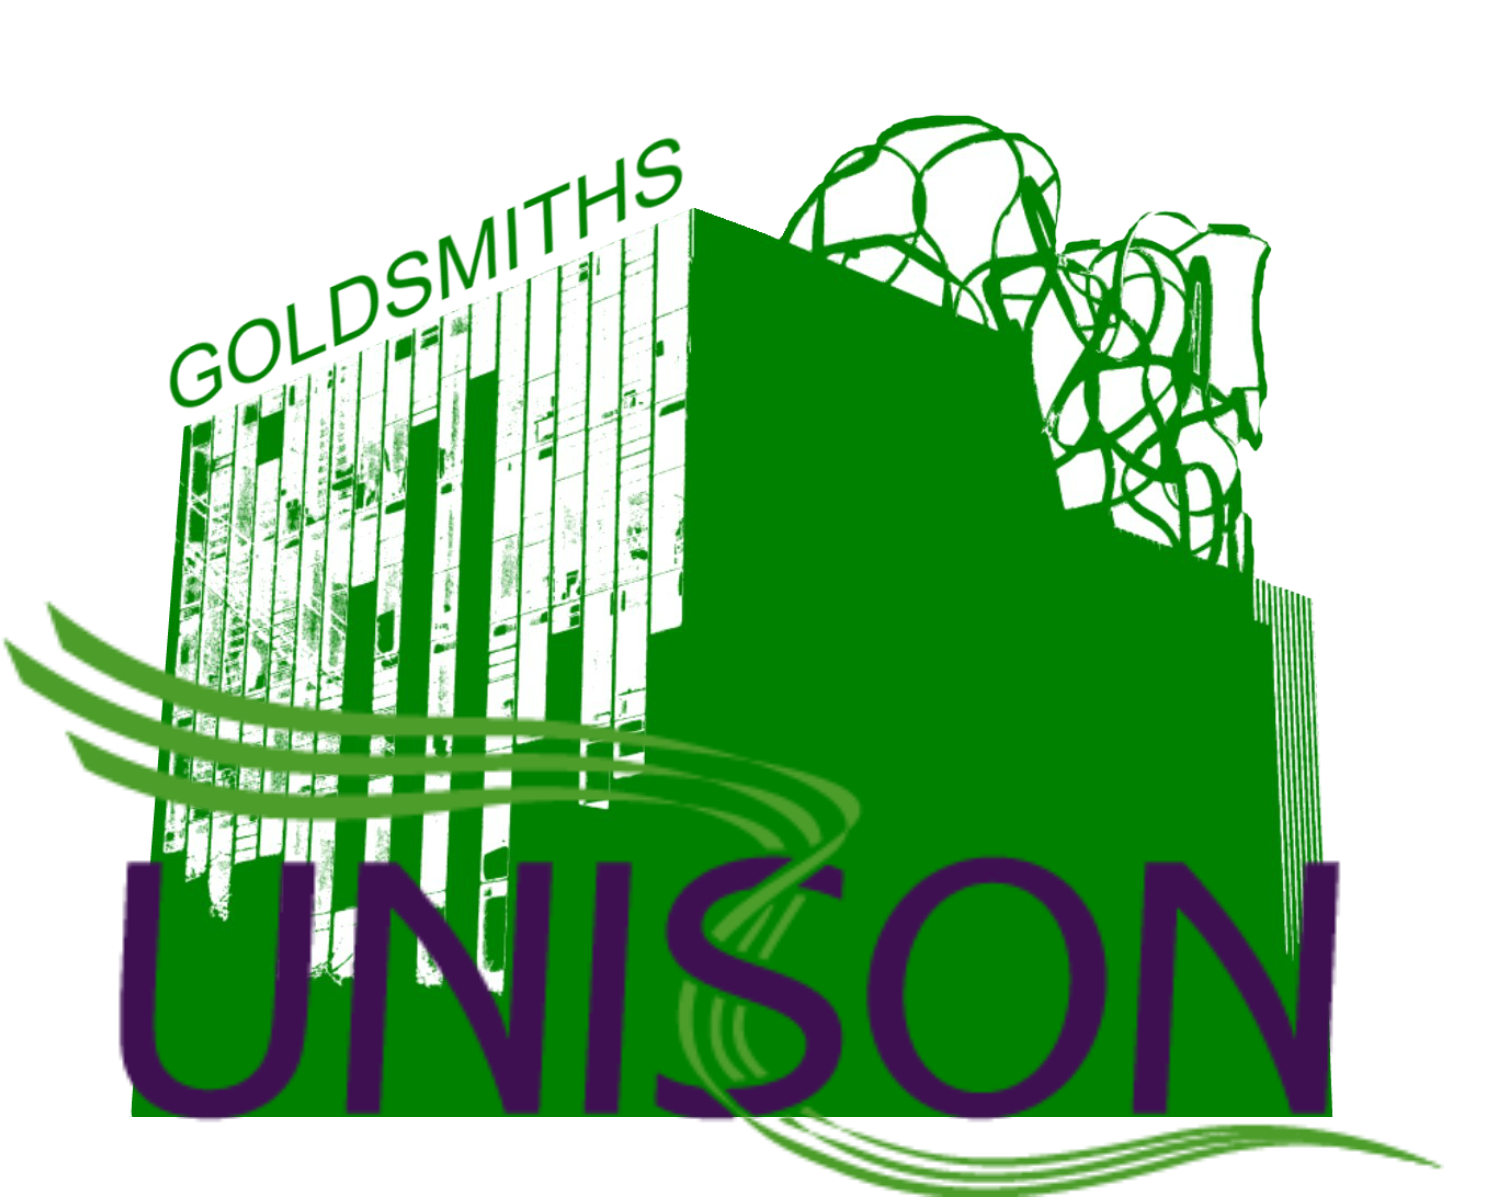 UNISON Goldsmiths